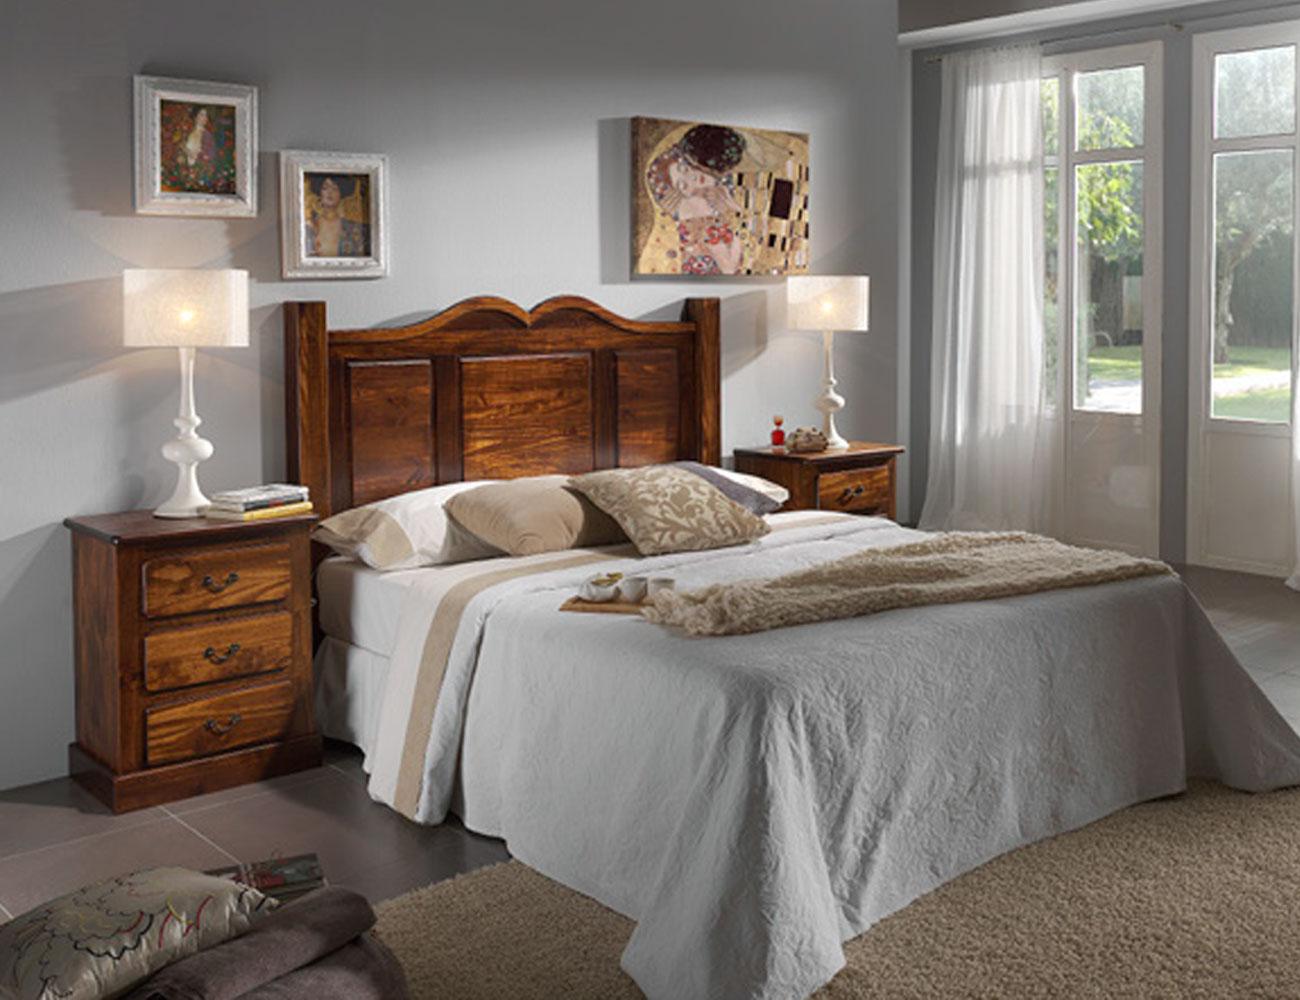 Dormitorio matrimonio detalle